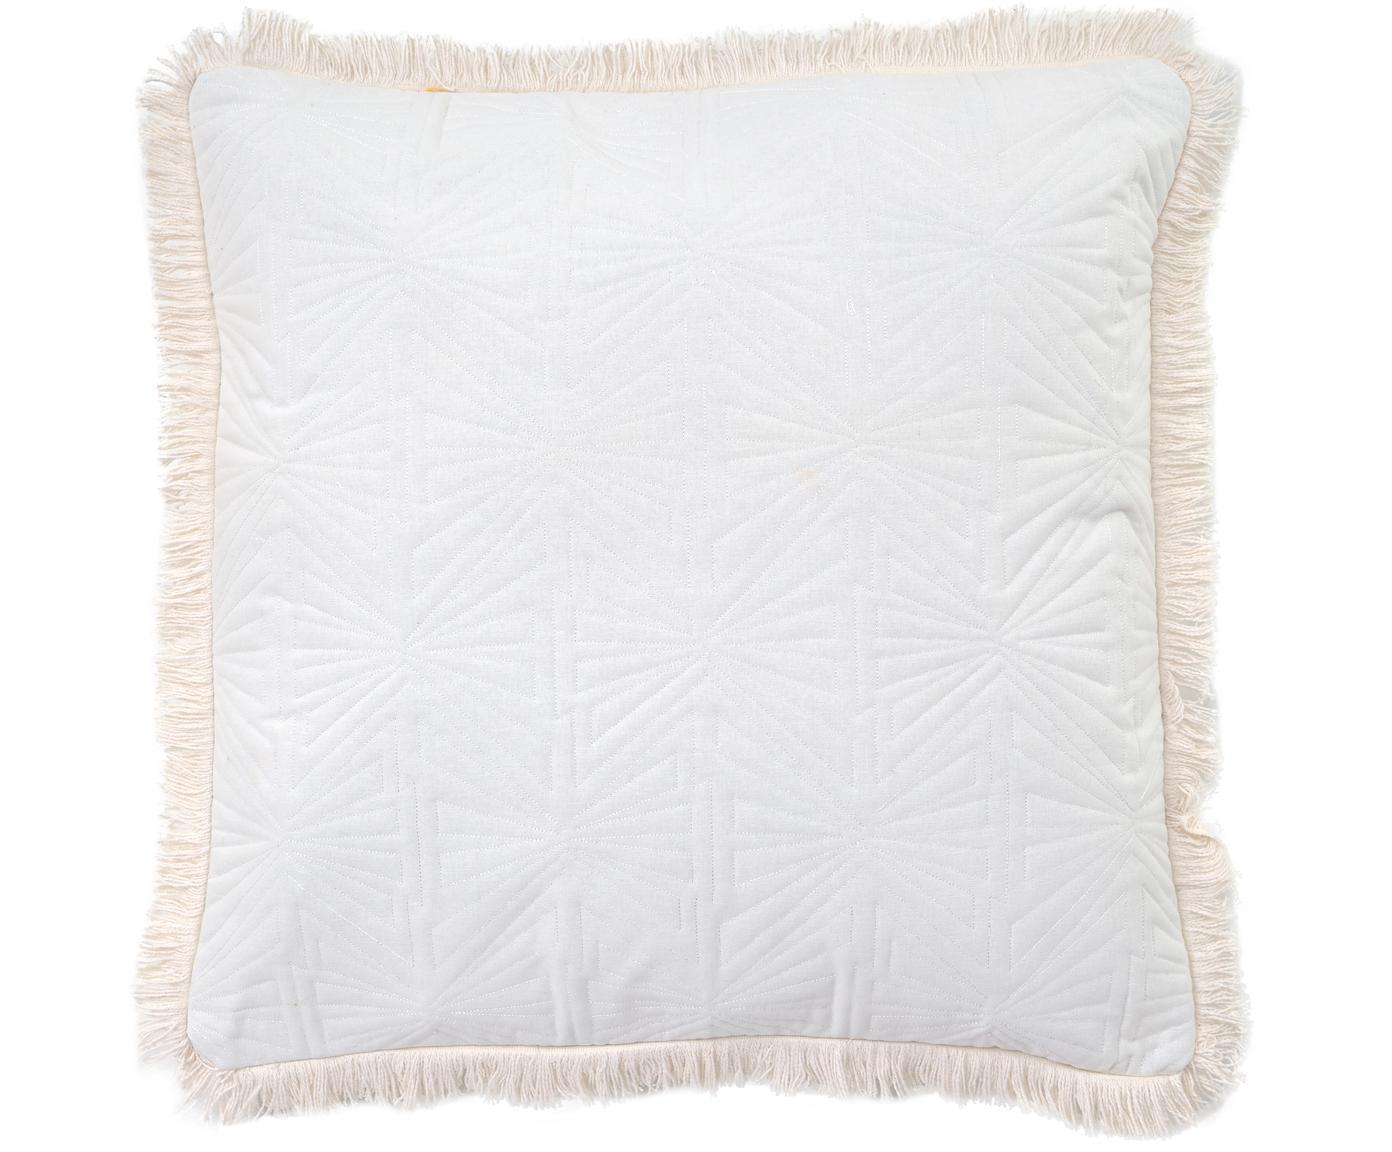 Fein gemustertes Kissen Bauhaus mit Fransenabschluss, mit Inlett, 100% Baumwolle, Weiß, 55 x 55 cm